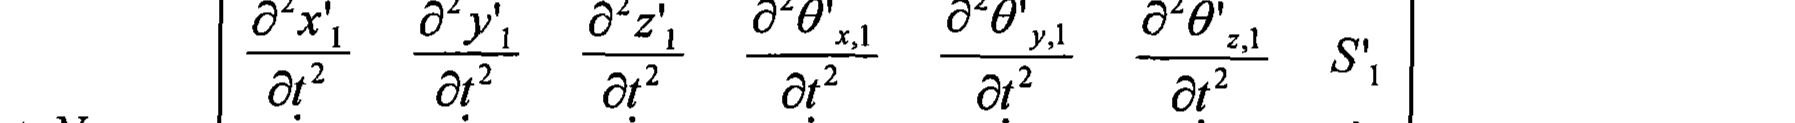 Figure CN101128167BD00141